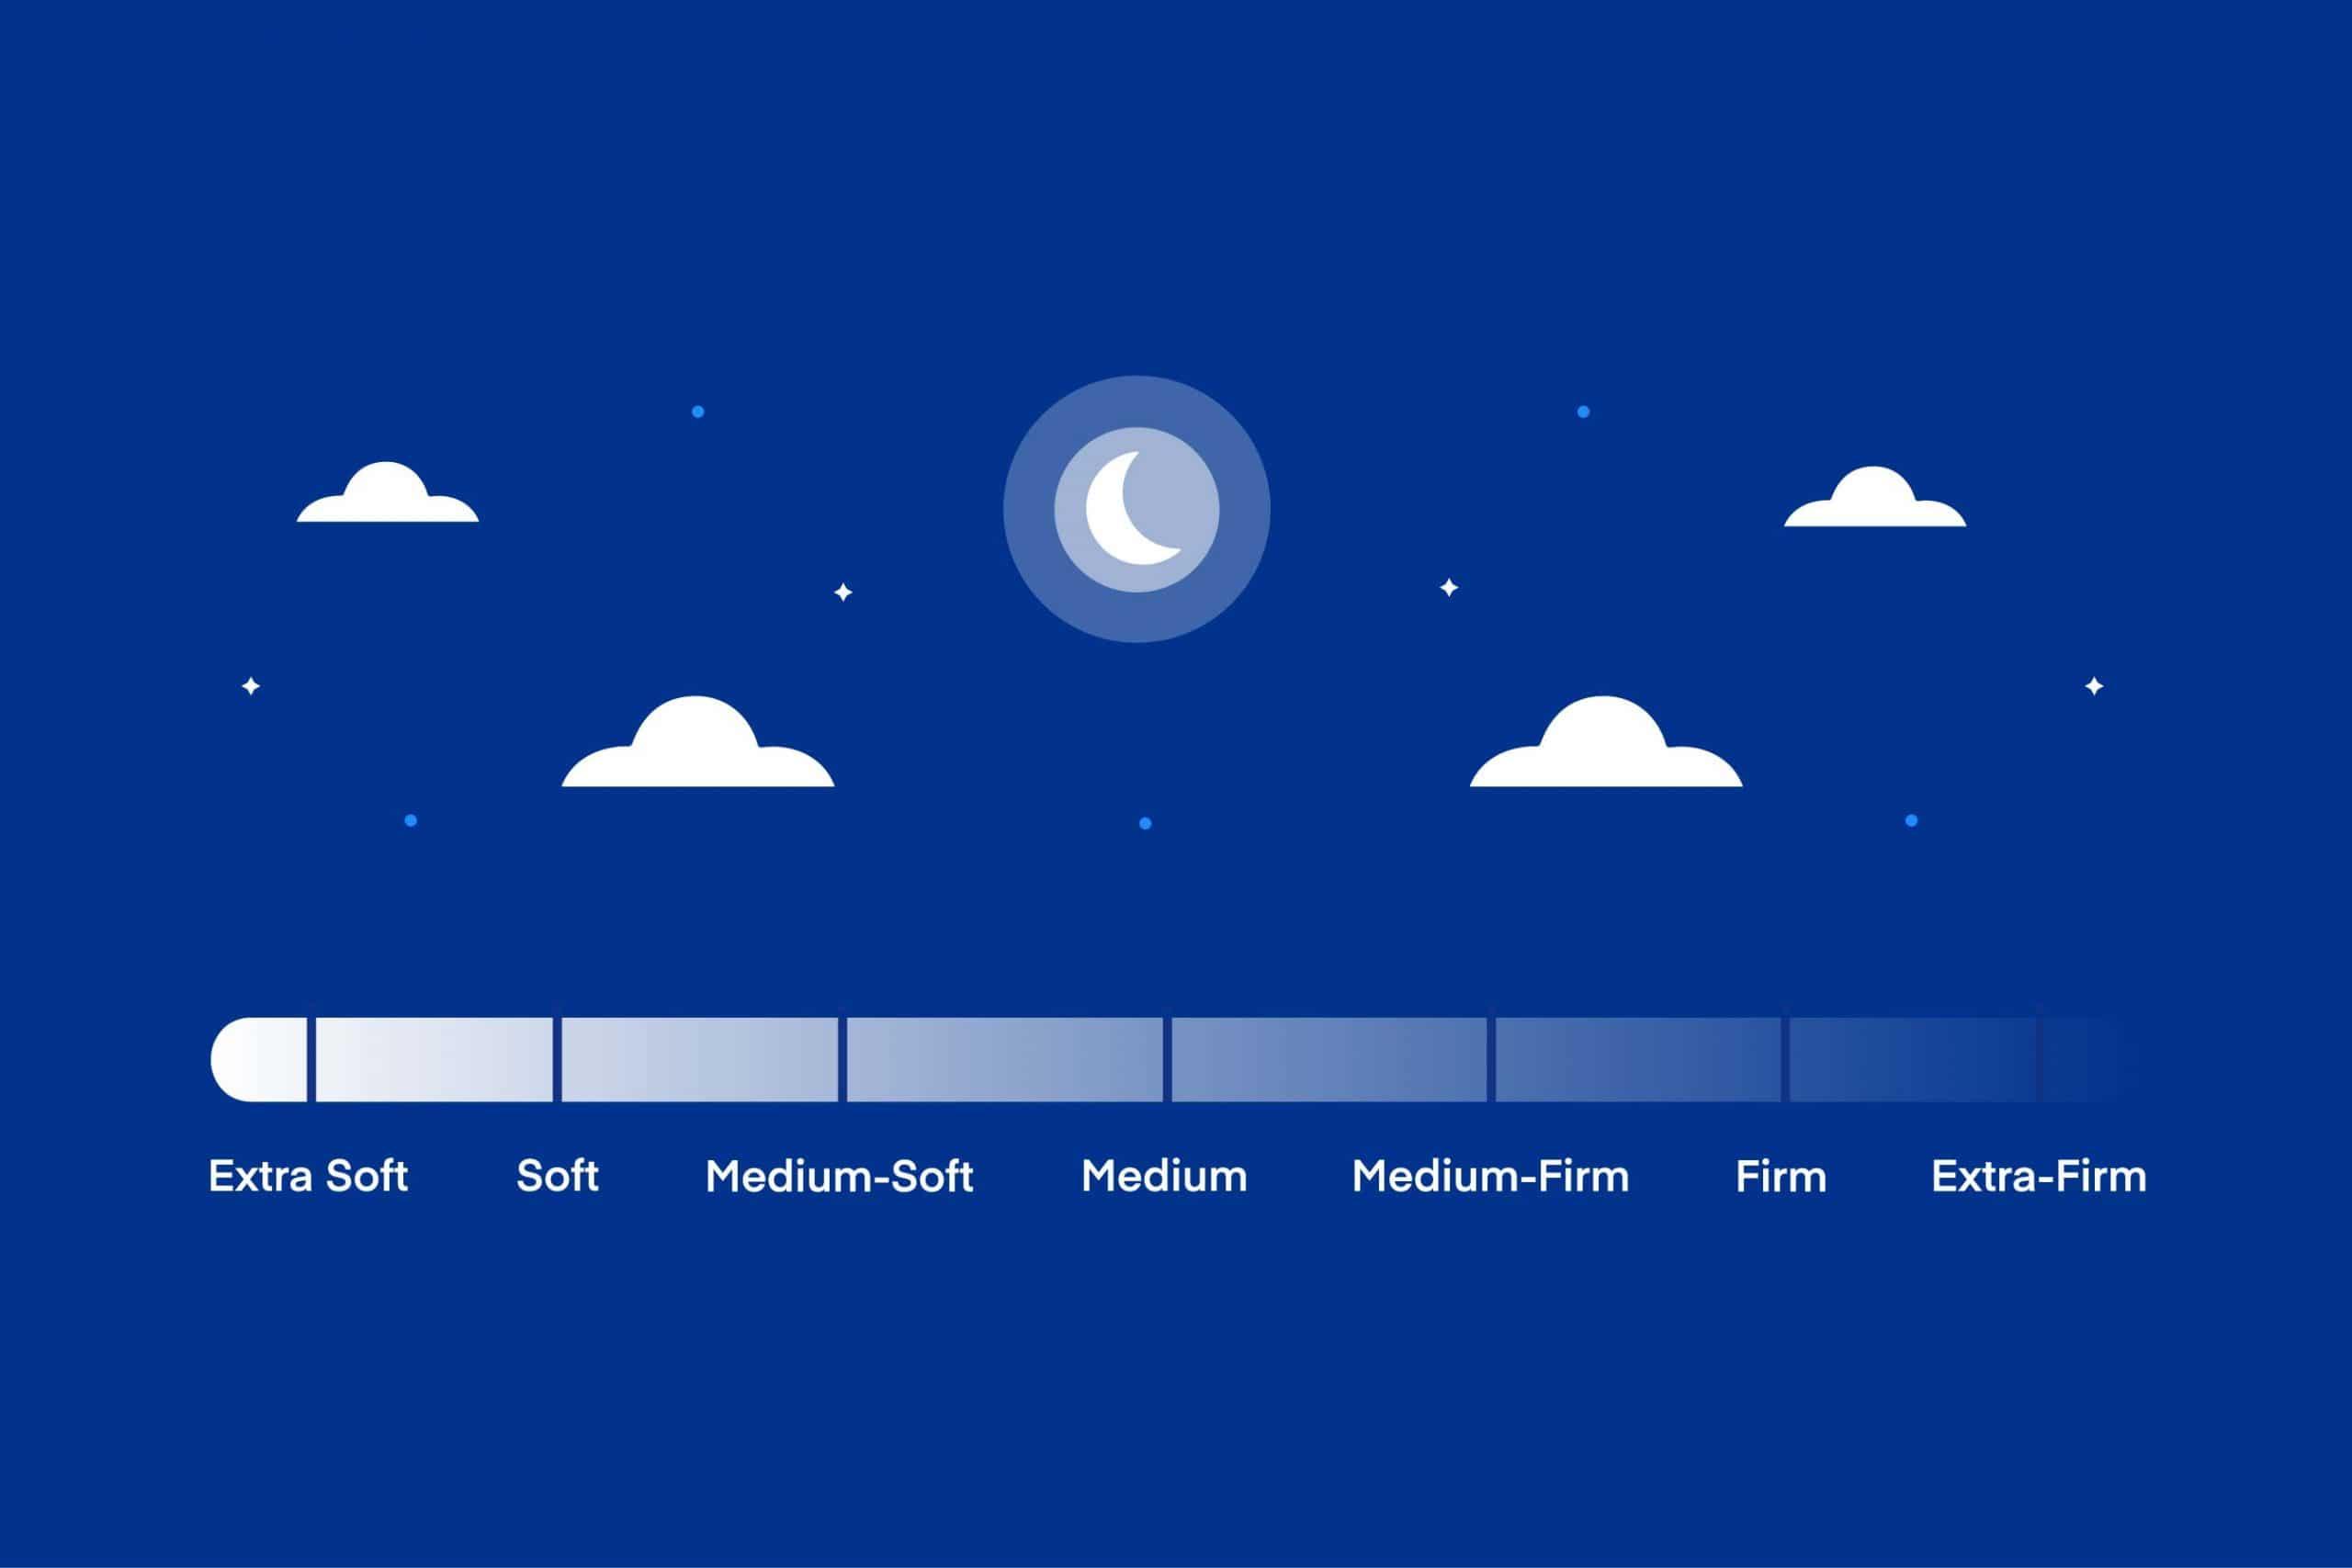 Get Better Sleep: How to Choose the Right Mattress Firmness